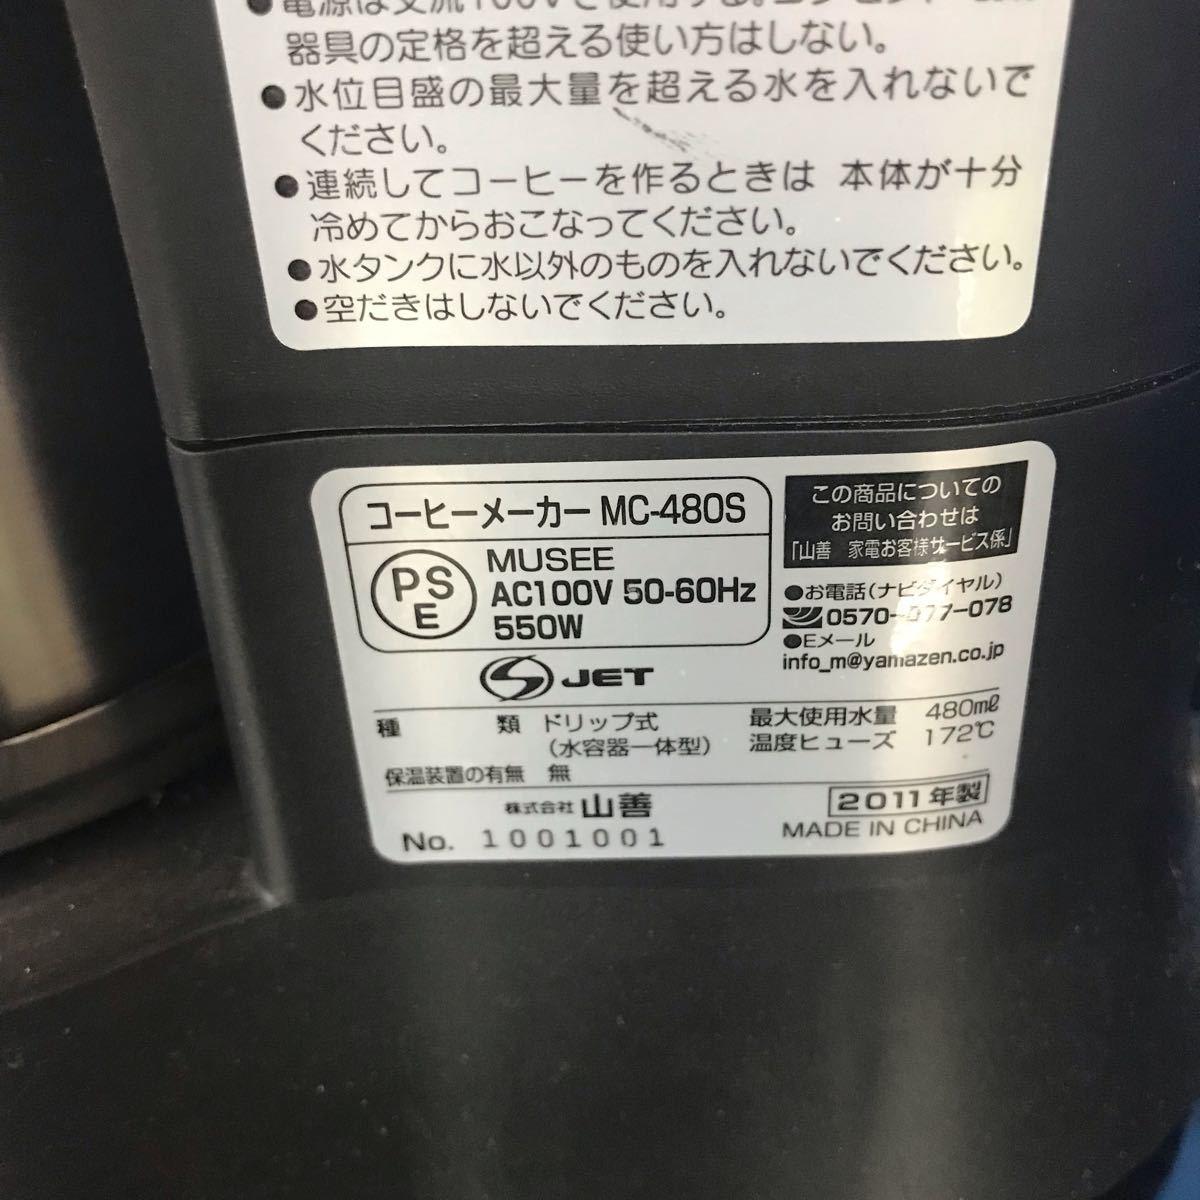 YAMAZEN コーヒーメーカー MC-480S